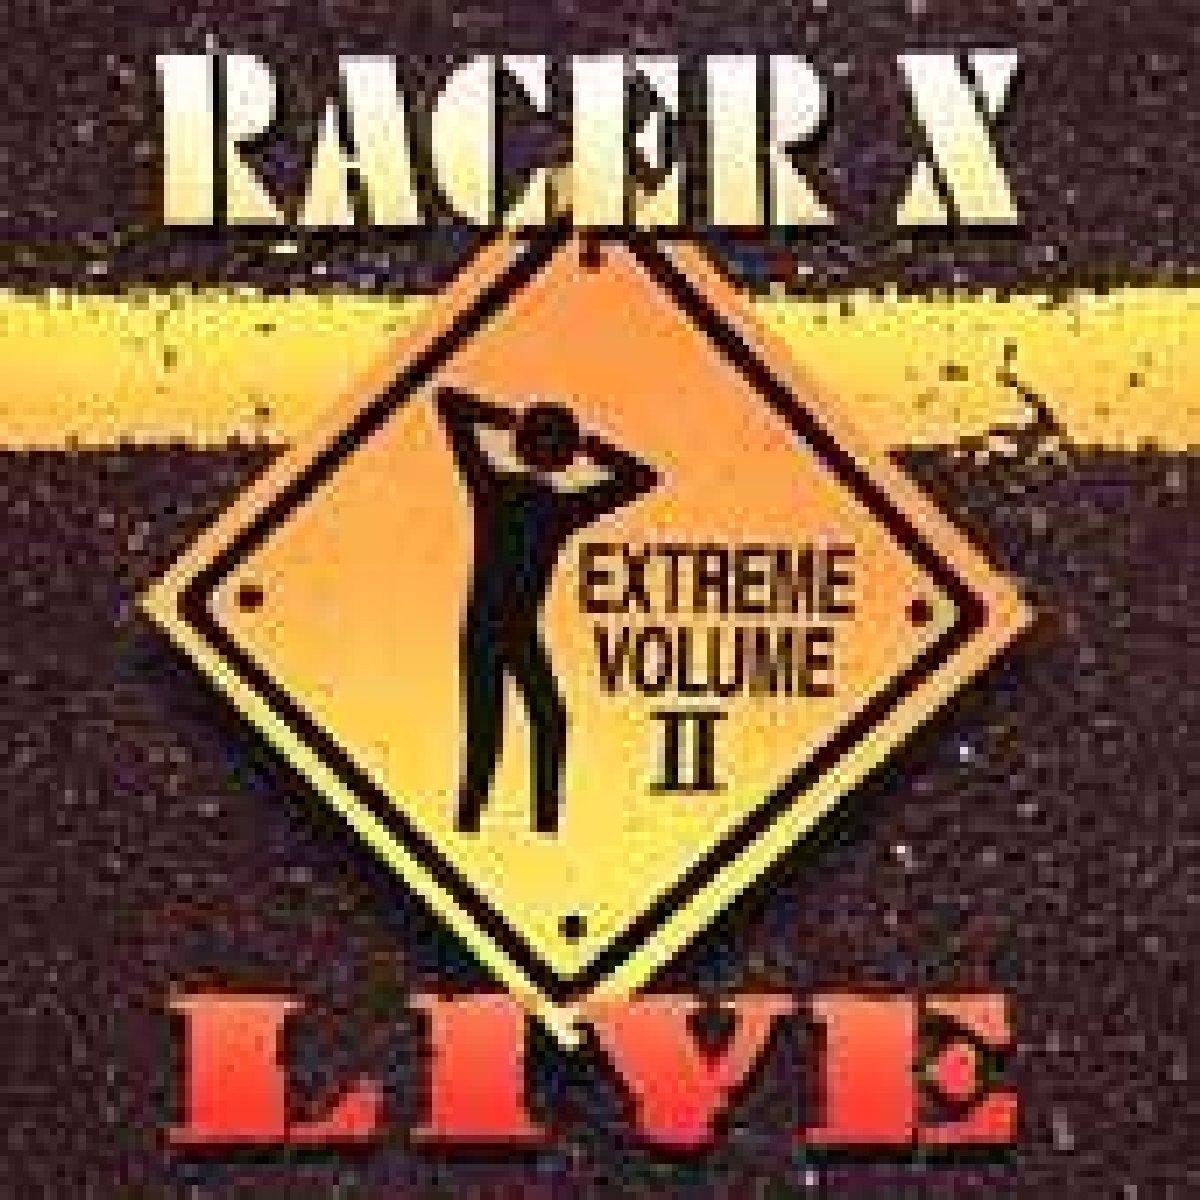 LIVE - EXTREME VOLUME 2